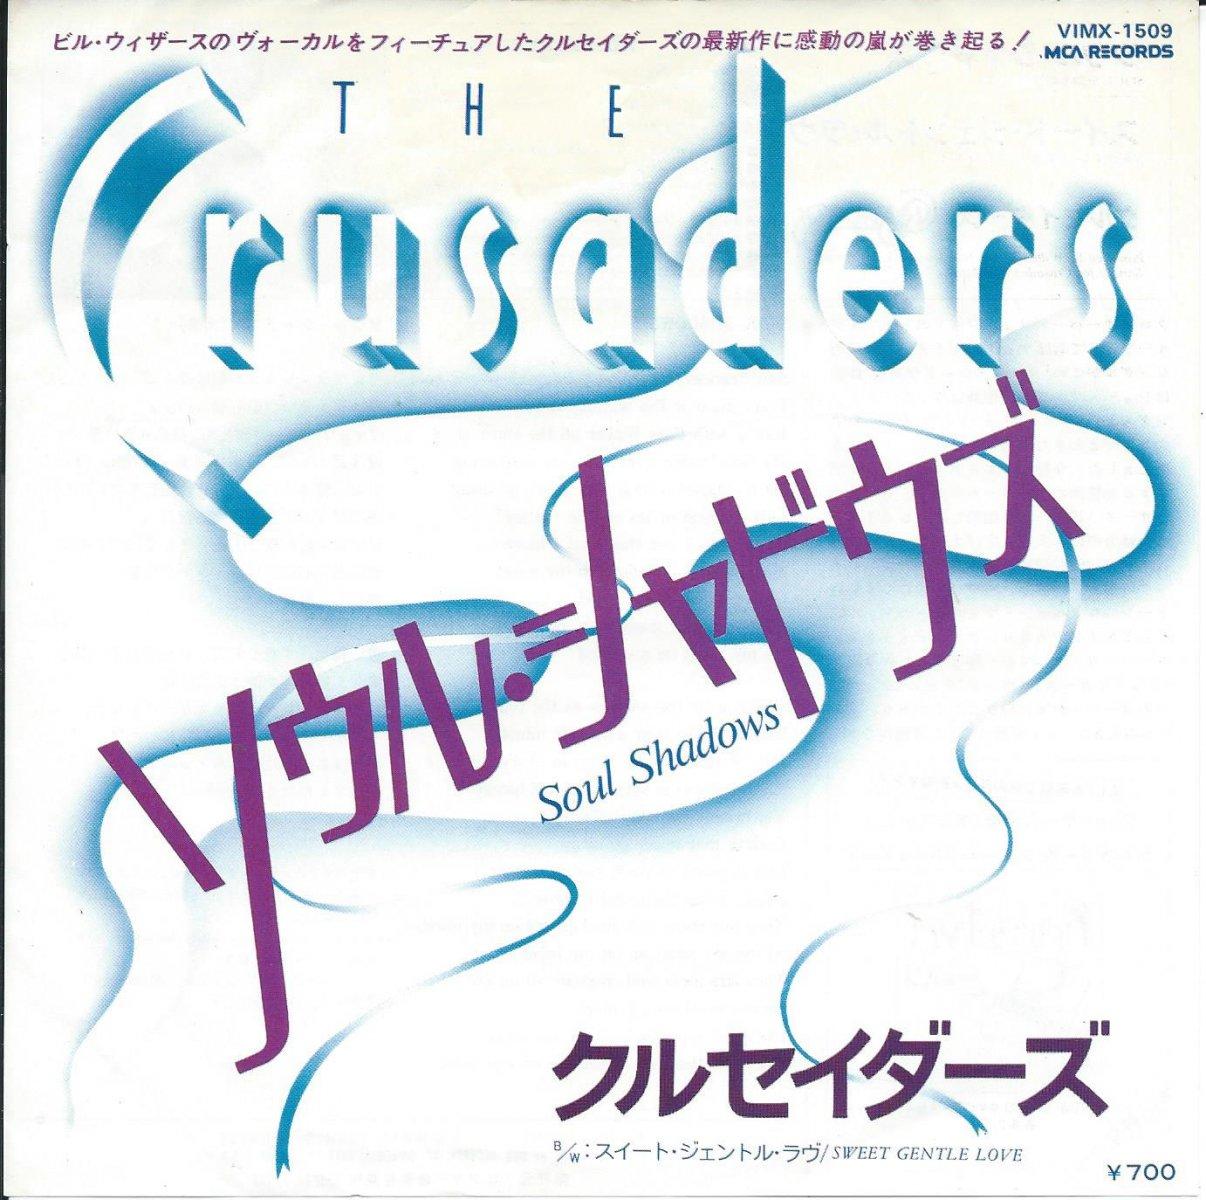 クルセイダーズ THE CRUSADERS / ソウル・シャドウズ SOUL SHADOWS (7